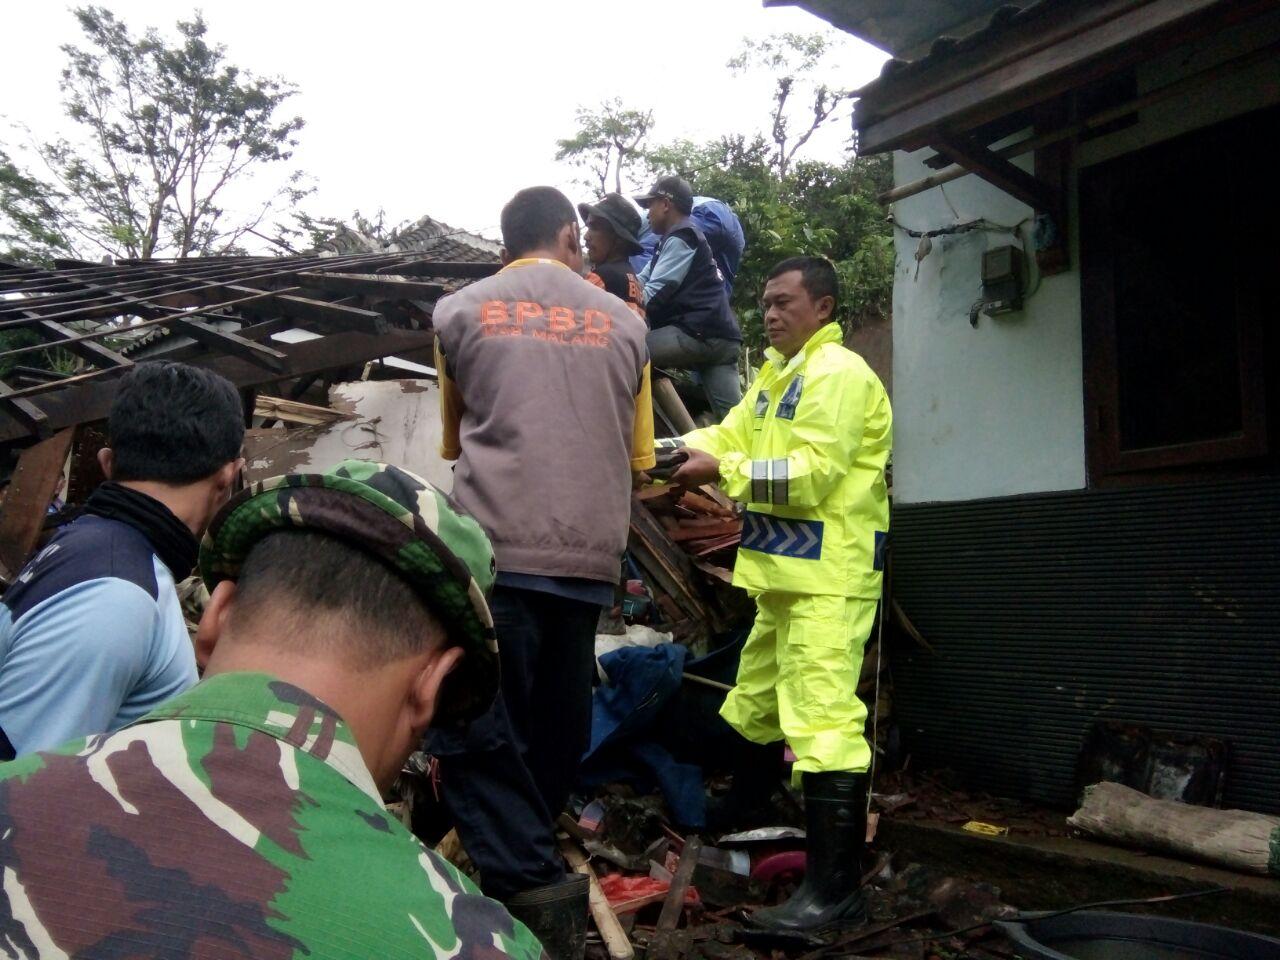 Juga Kunjung, Polsek Pujon Polres Batu Turut Serta Bantu Bersihkan Material Sisa Bencana Longsoran